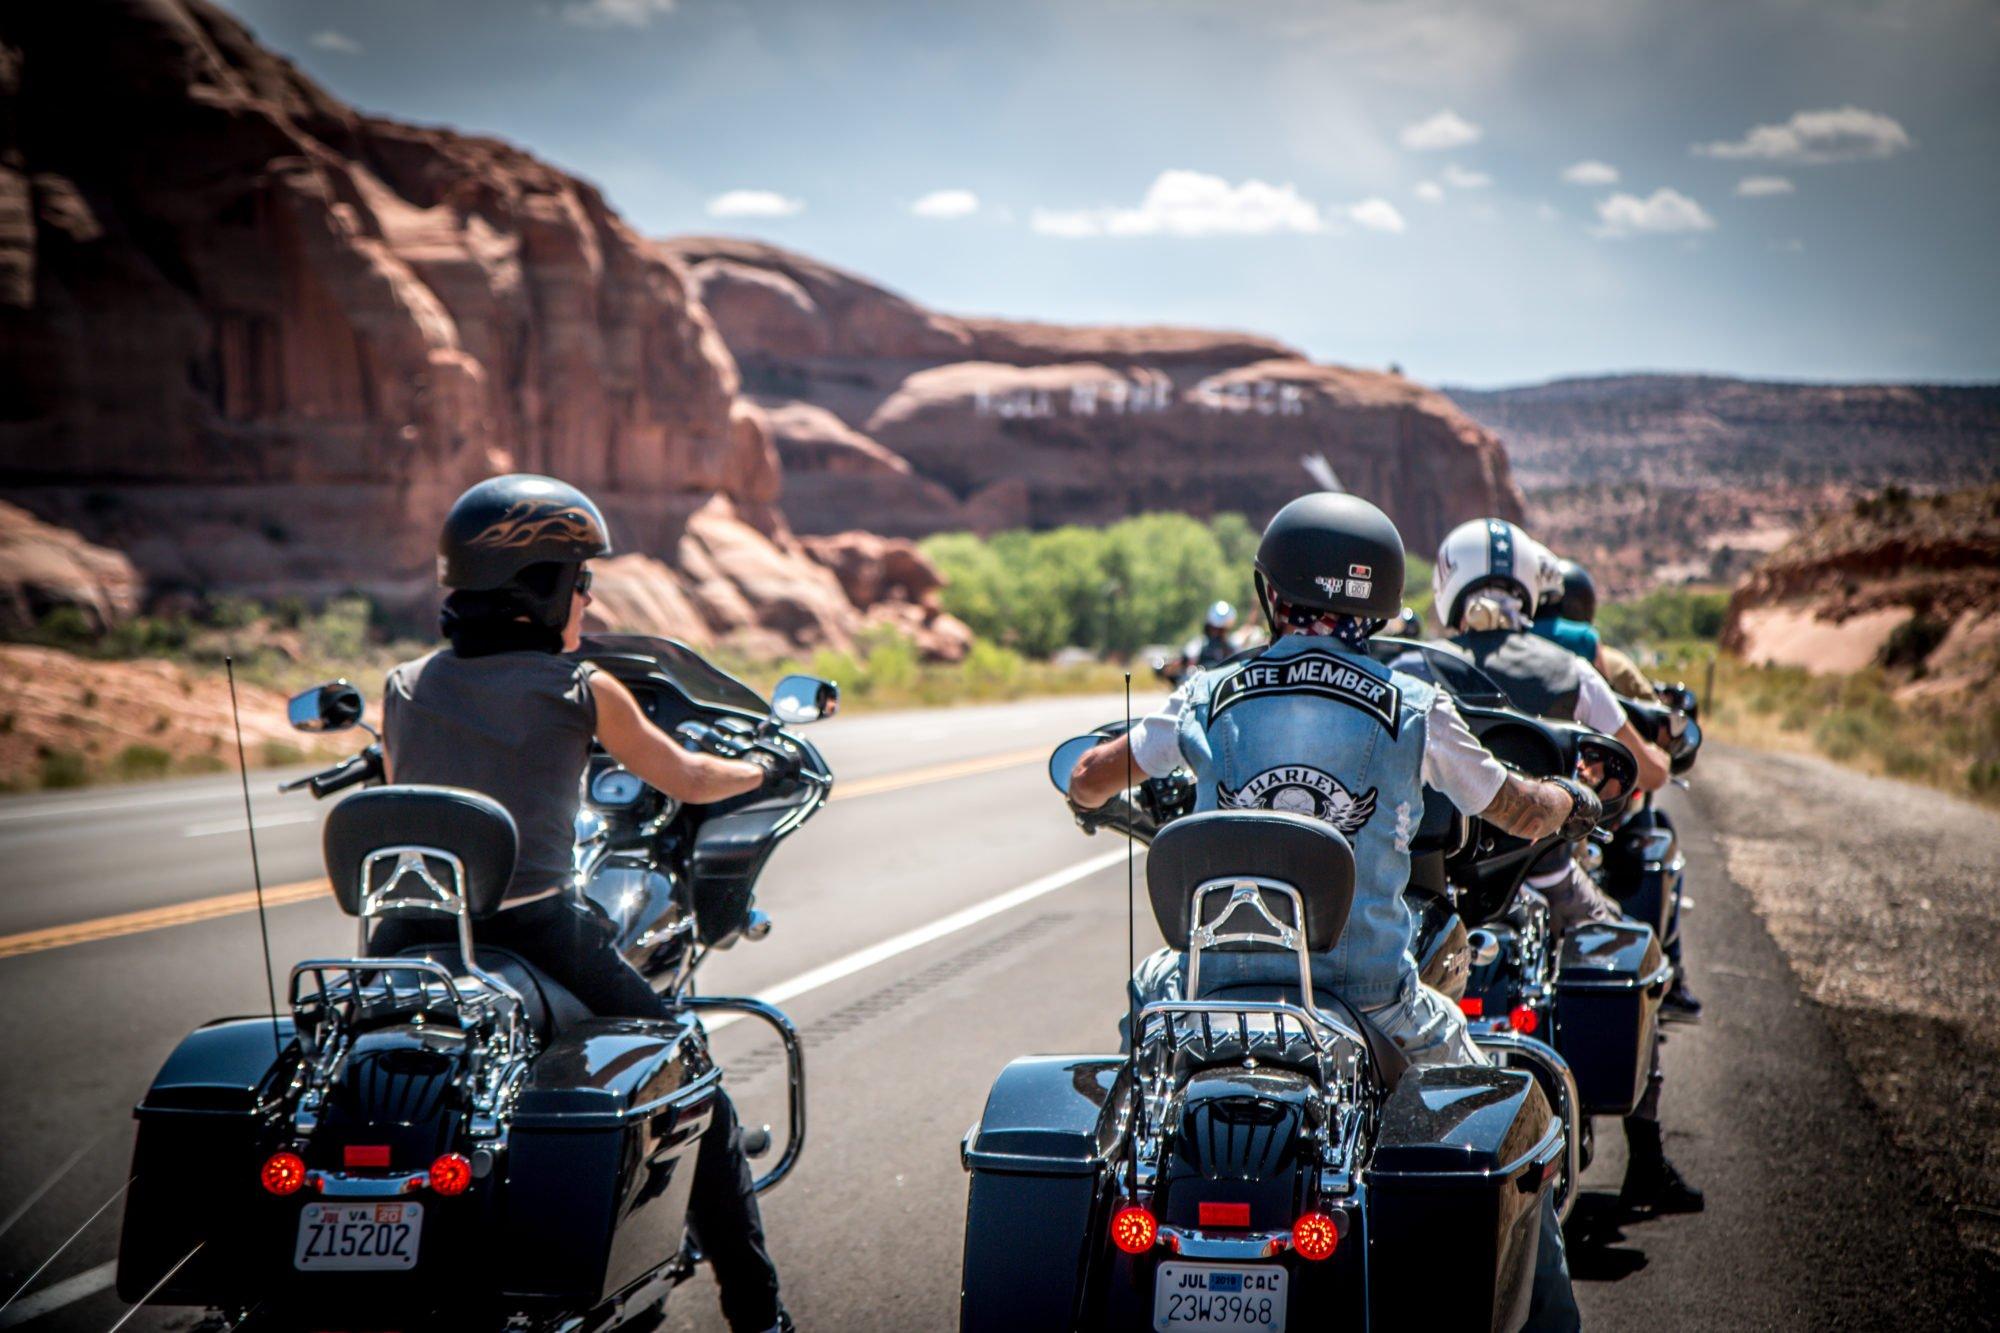 America in moto, i nostri viaggi Be-Twin®, la semplicità del gruppo, l'intraprendenza della libertà di viaggiare